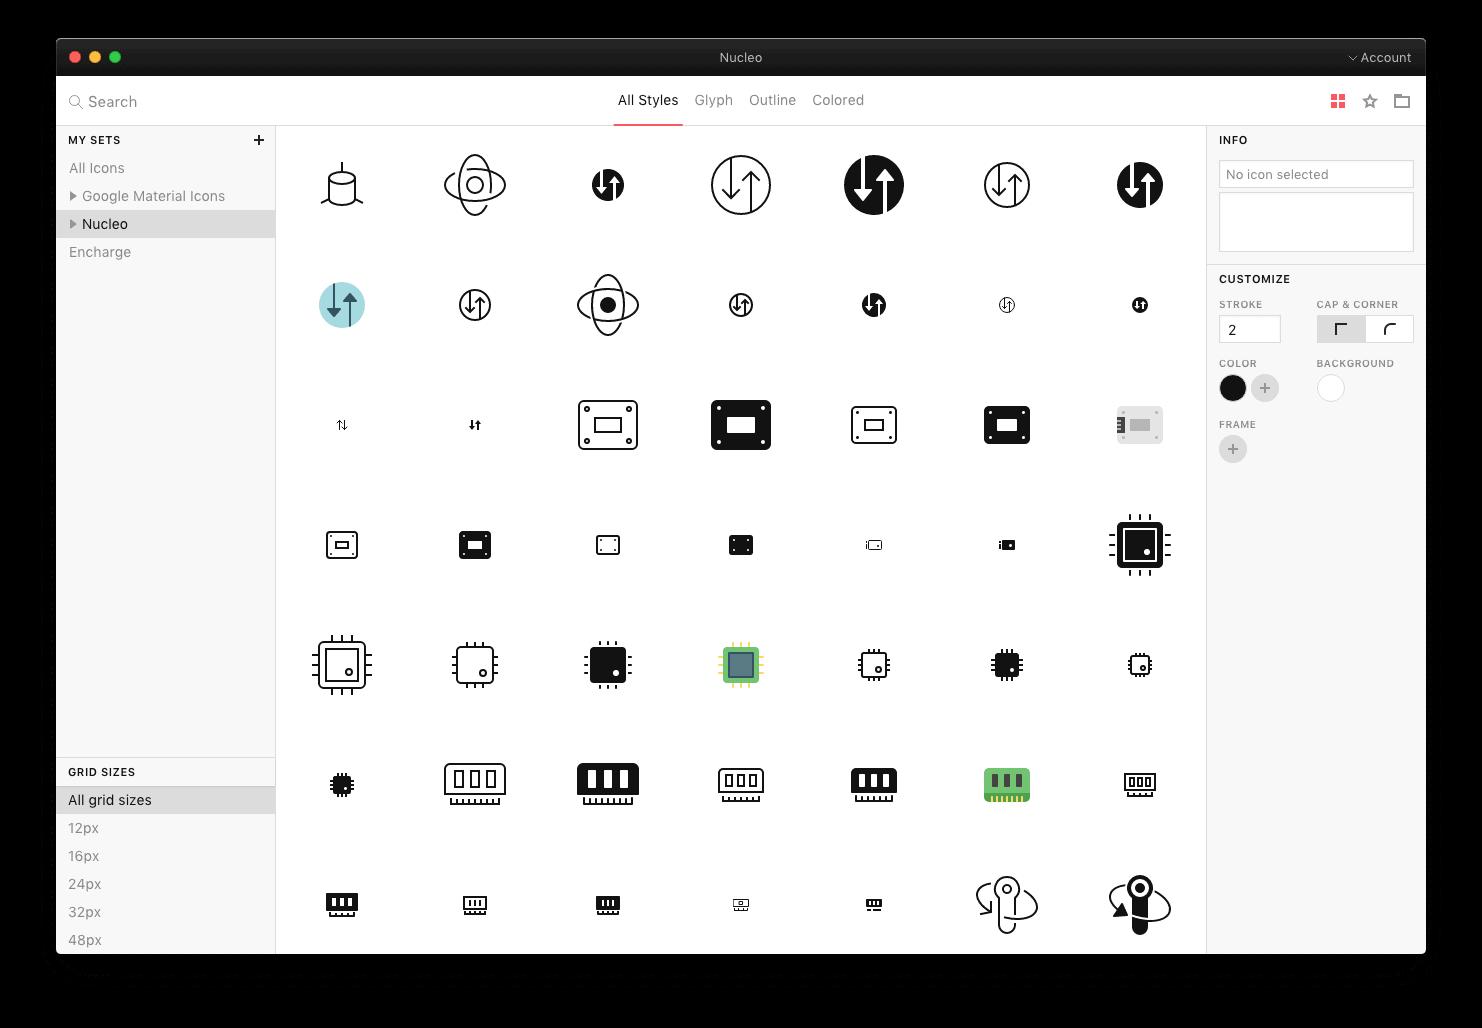 Nucleo Icons